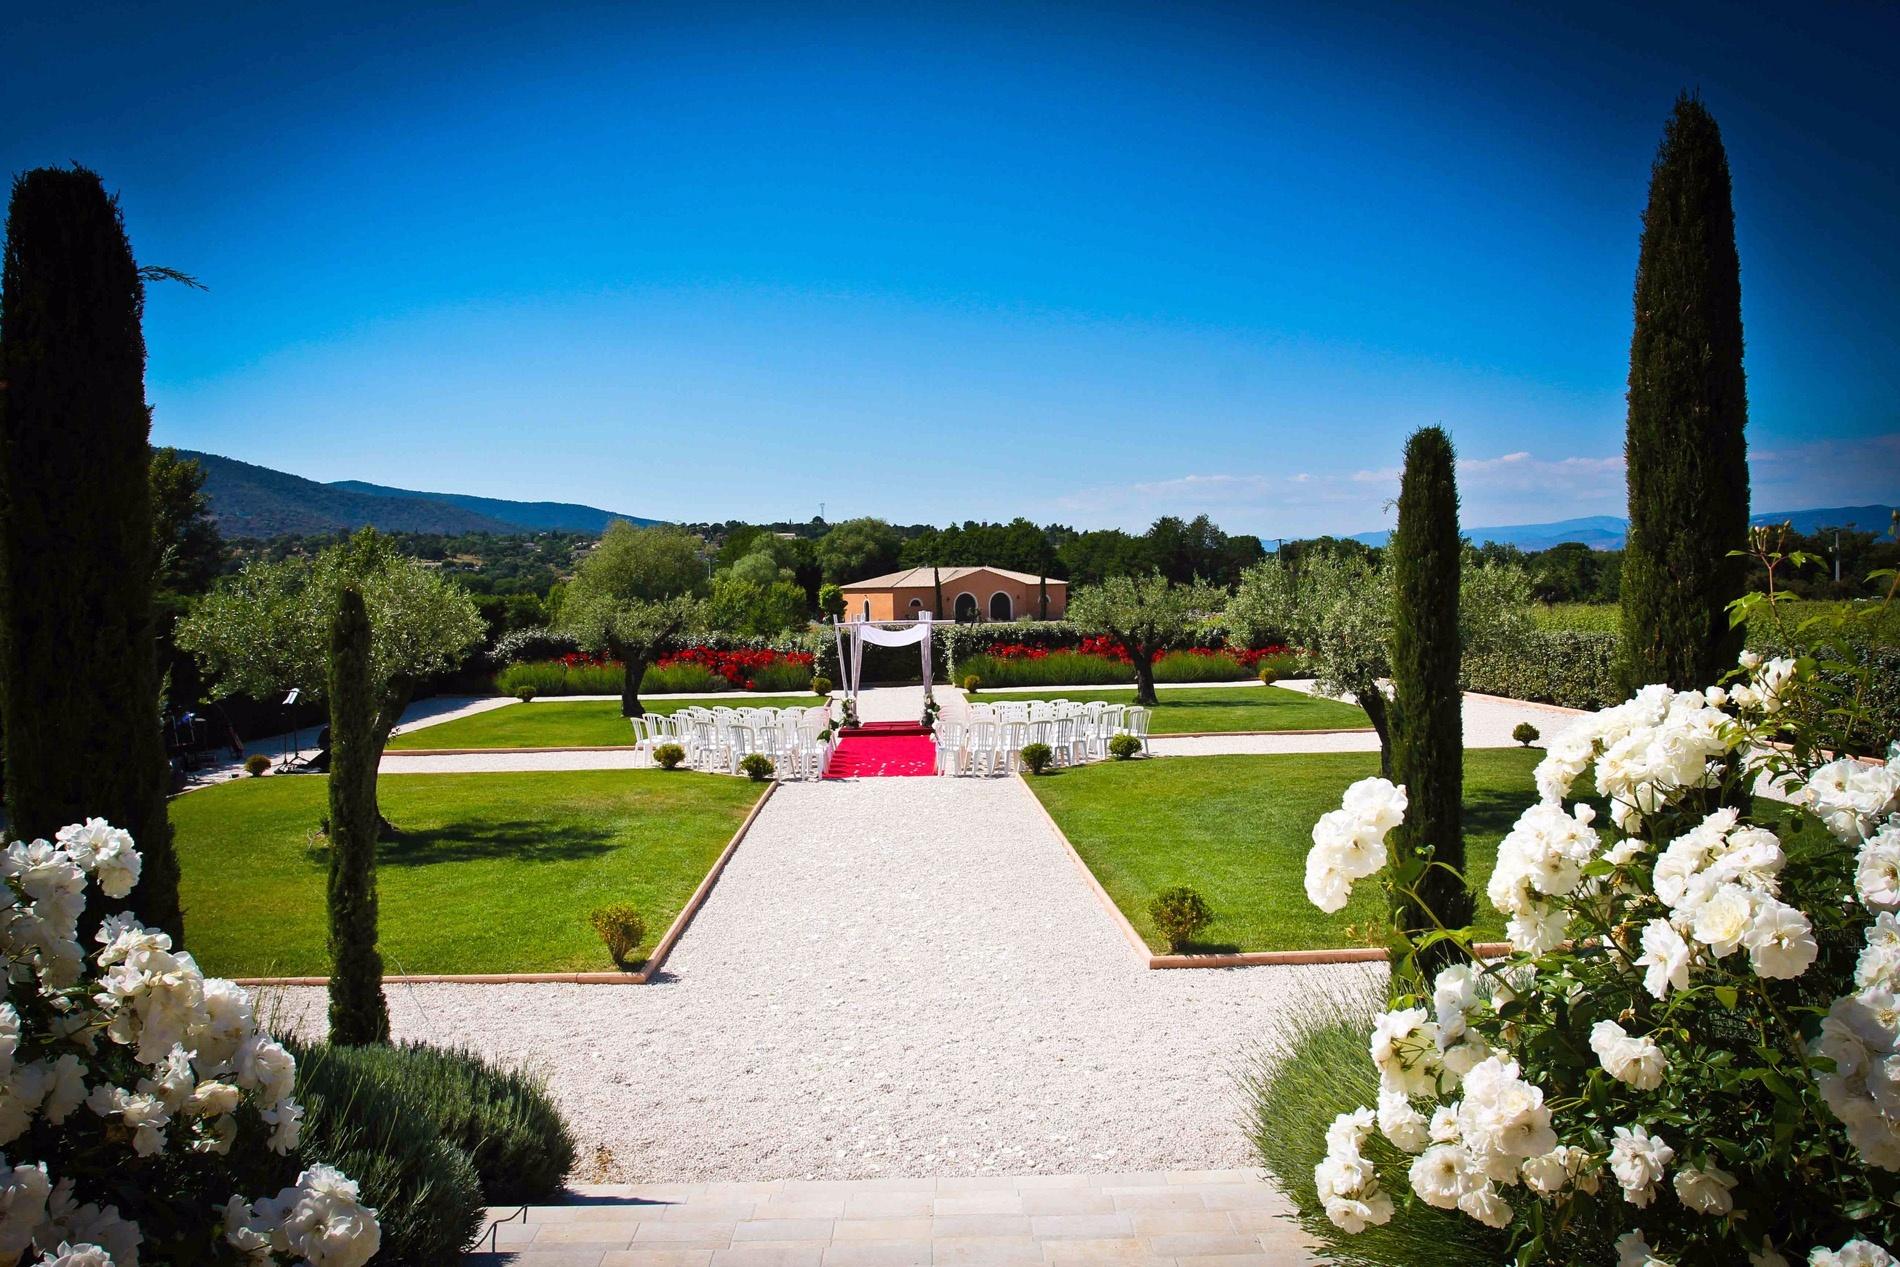 Salle de r ception du ch teau intime dans les vignes for O jardin ideal route de montauban bessieres